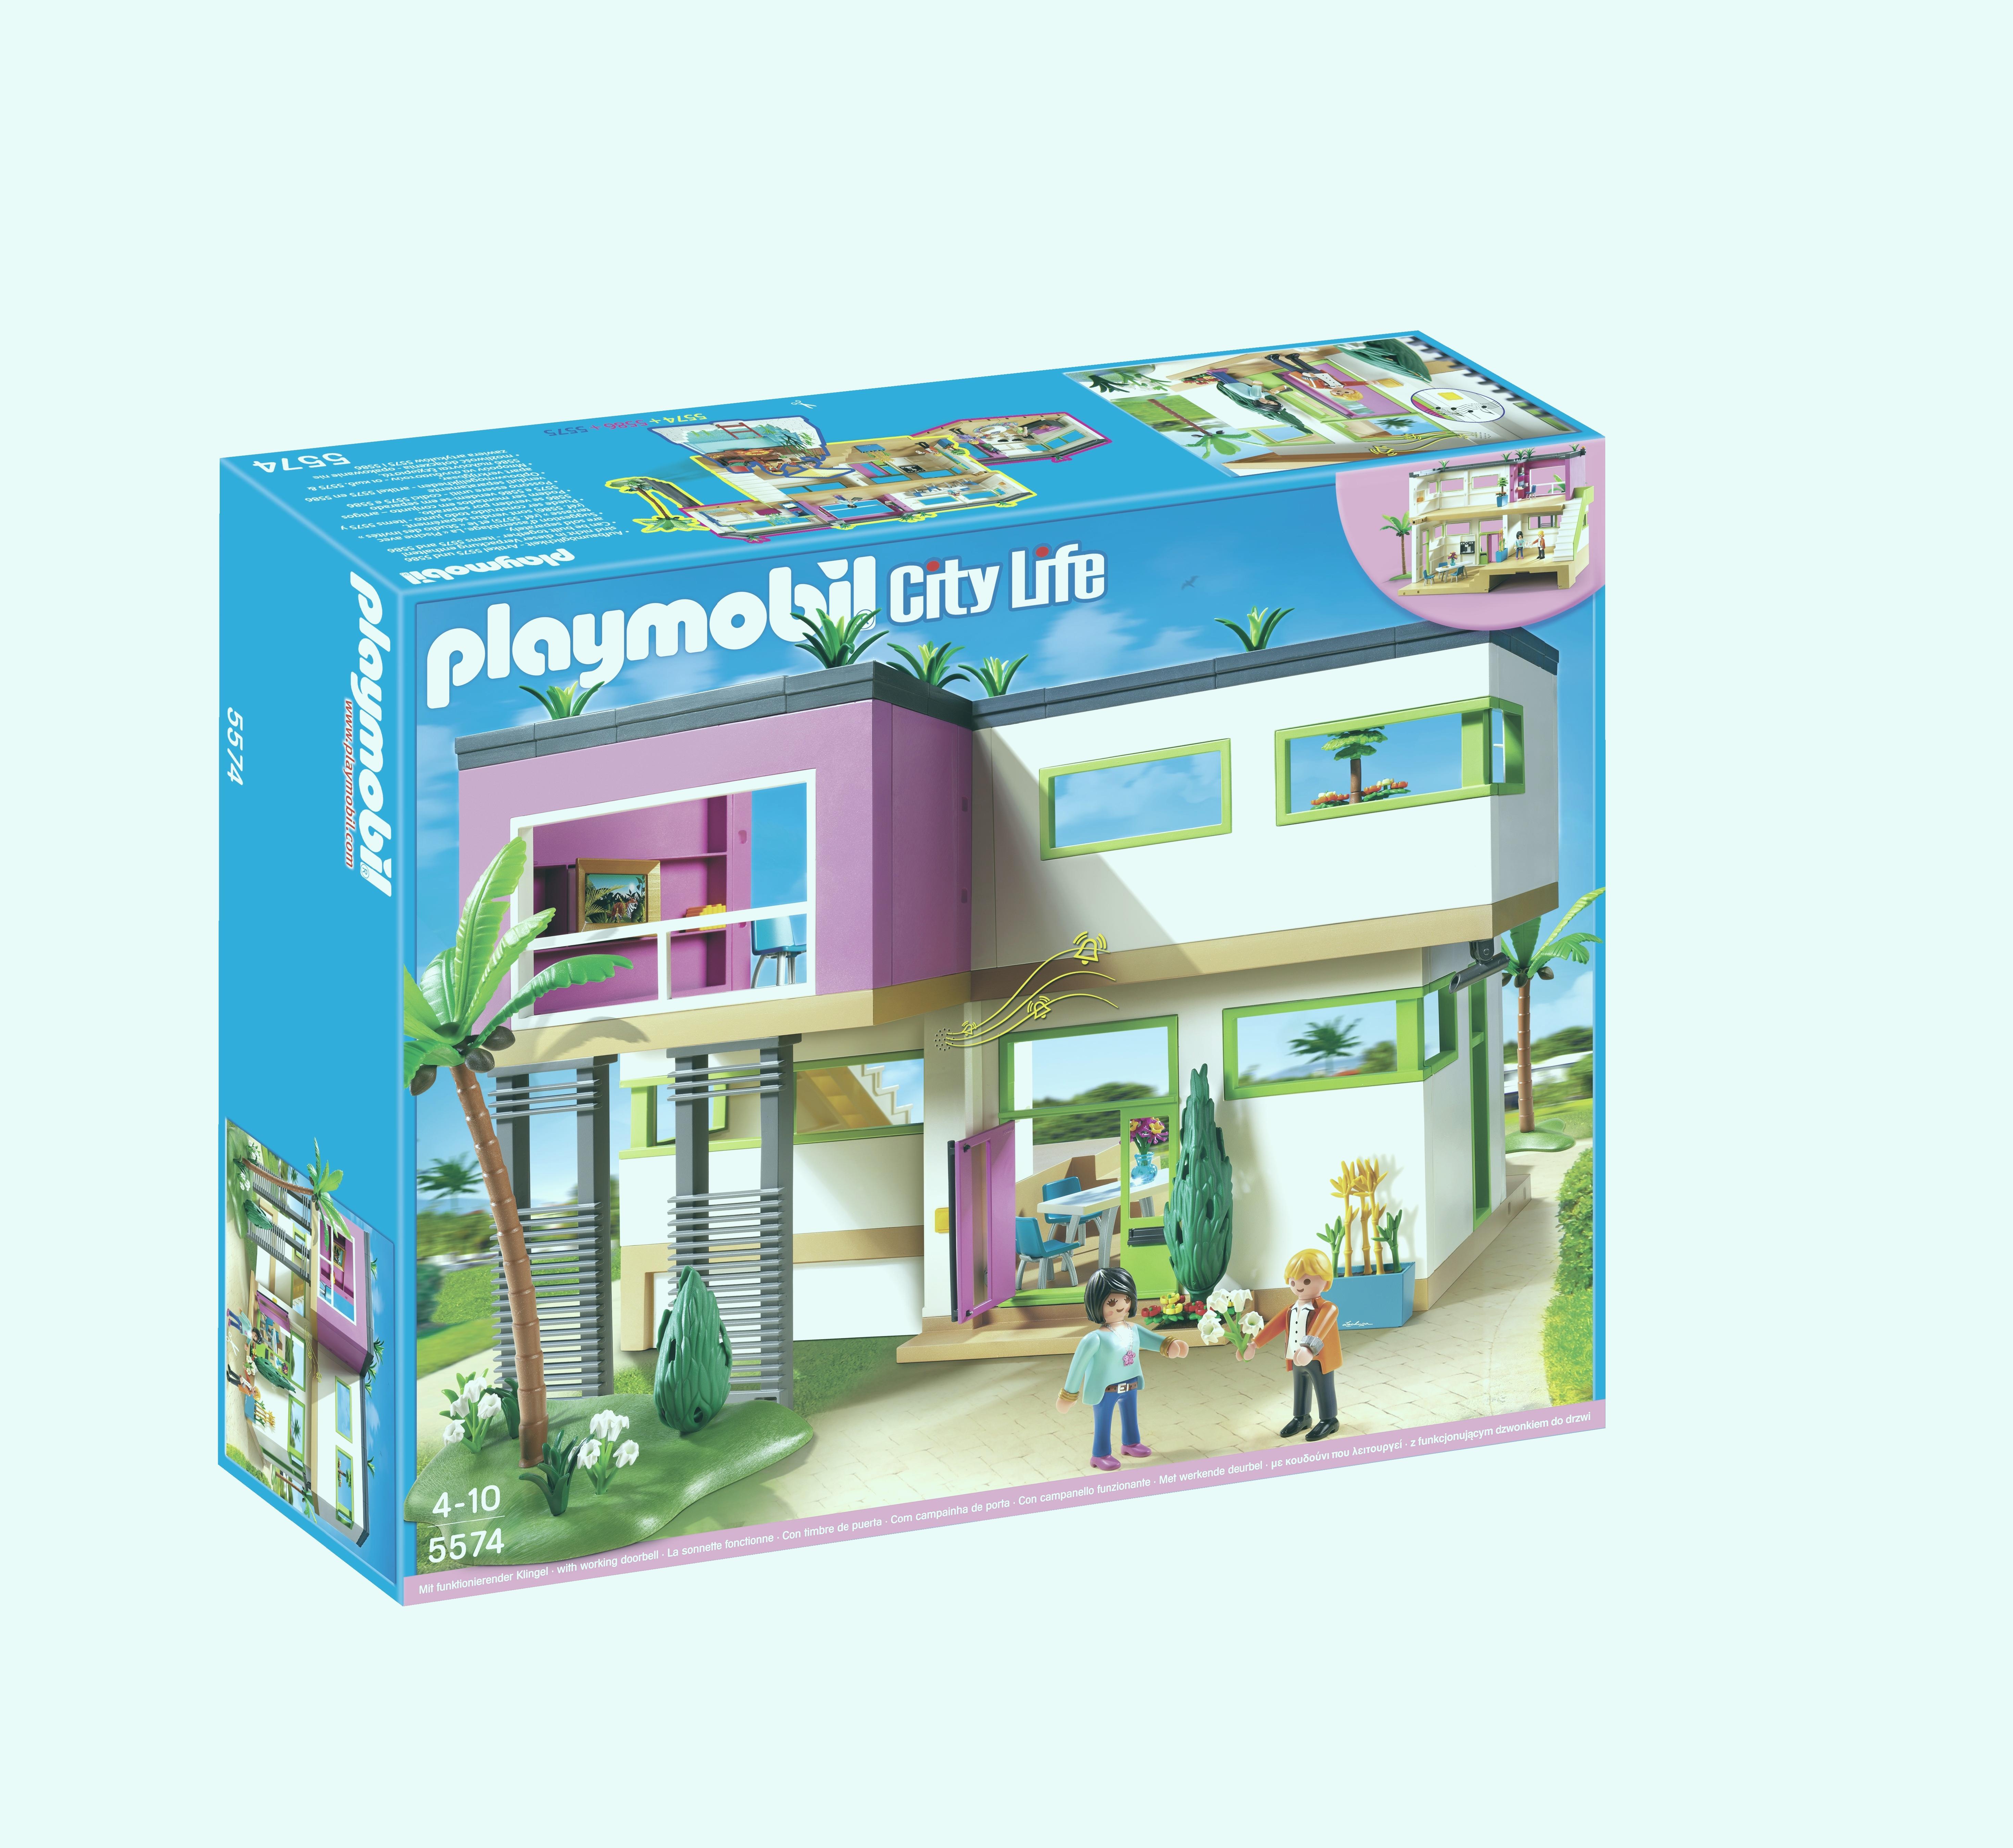 Maison Moderne Playmobil Klerelo - onestopcolorado.com -